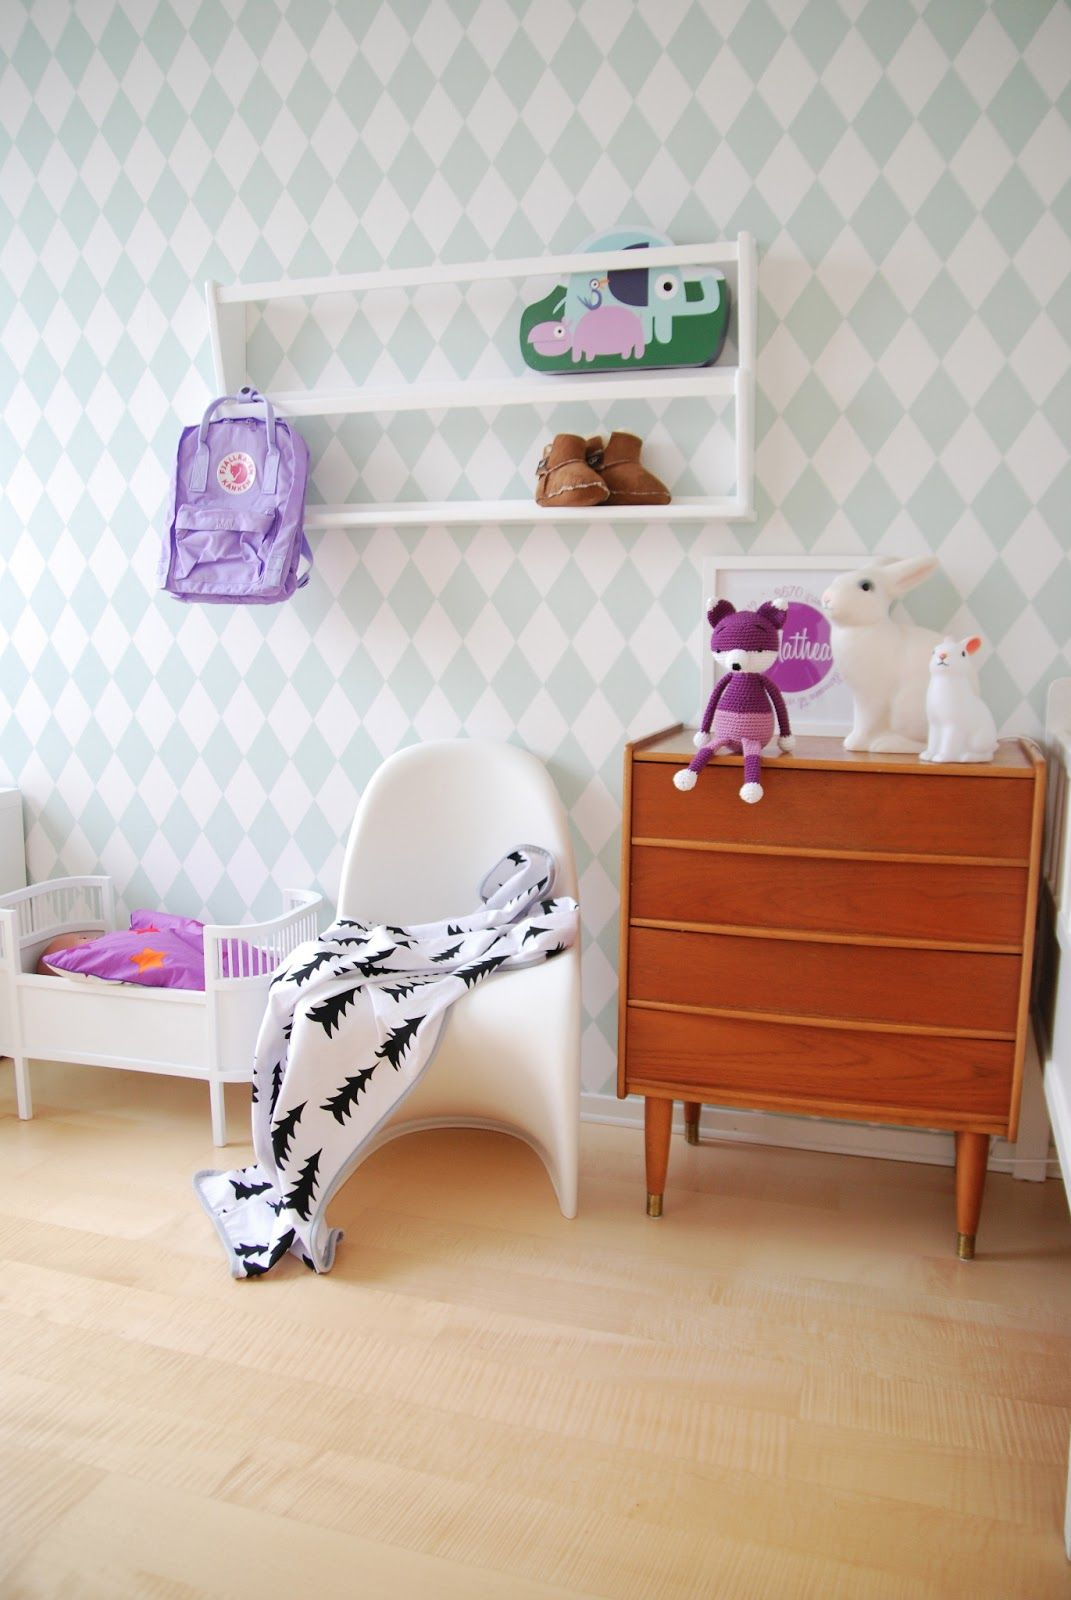 FargeBarn: Minsta sitt rom